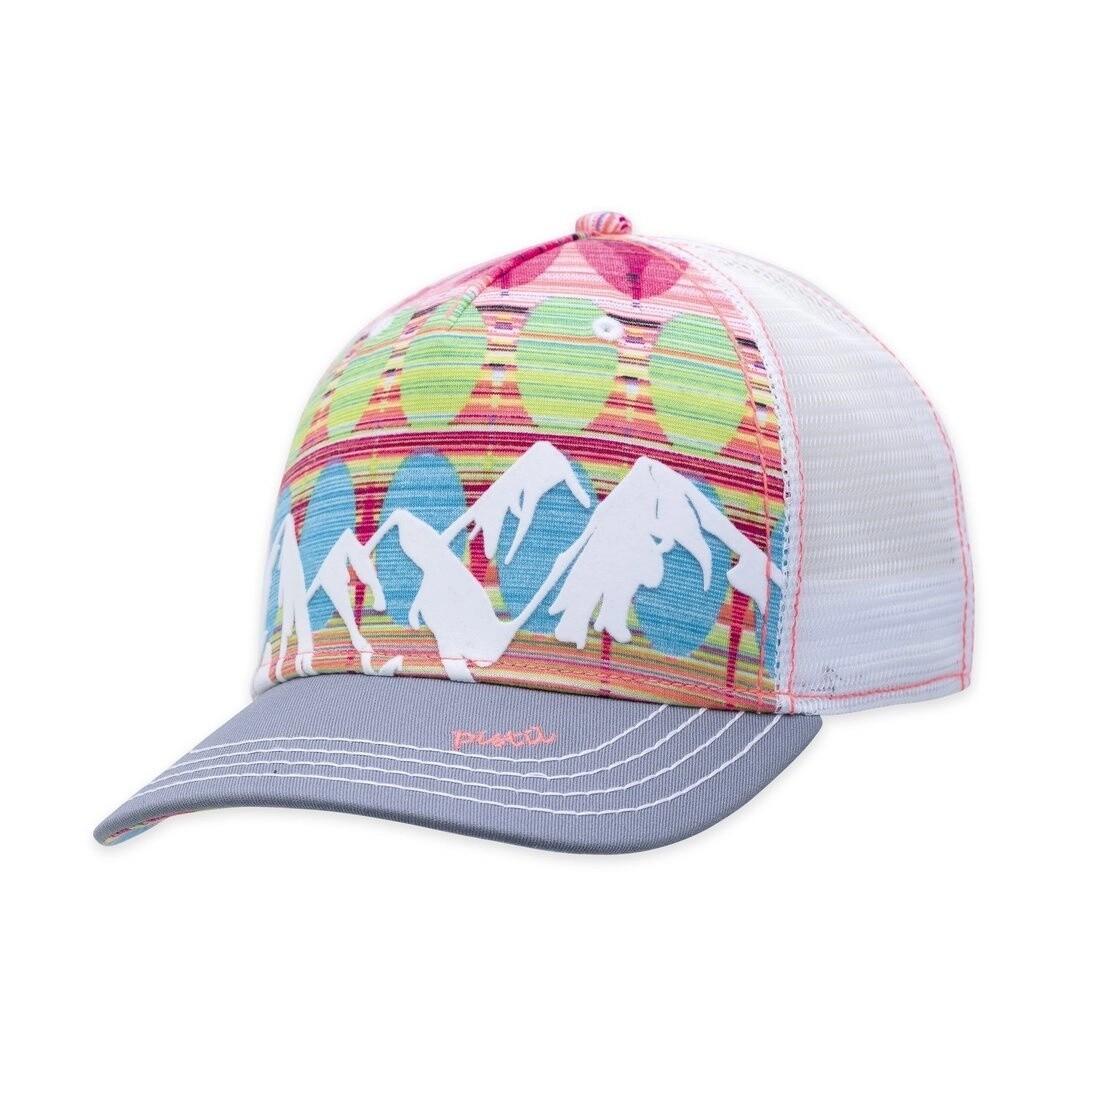 Pistil Designs, McKinley Trucker Hat, Persimmon